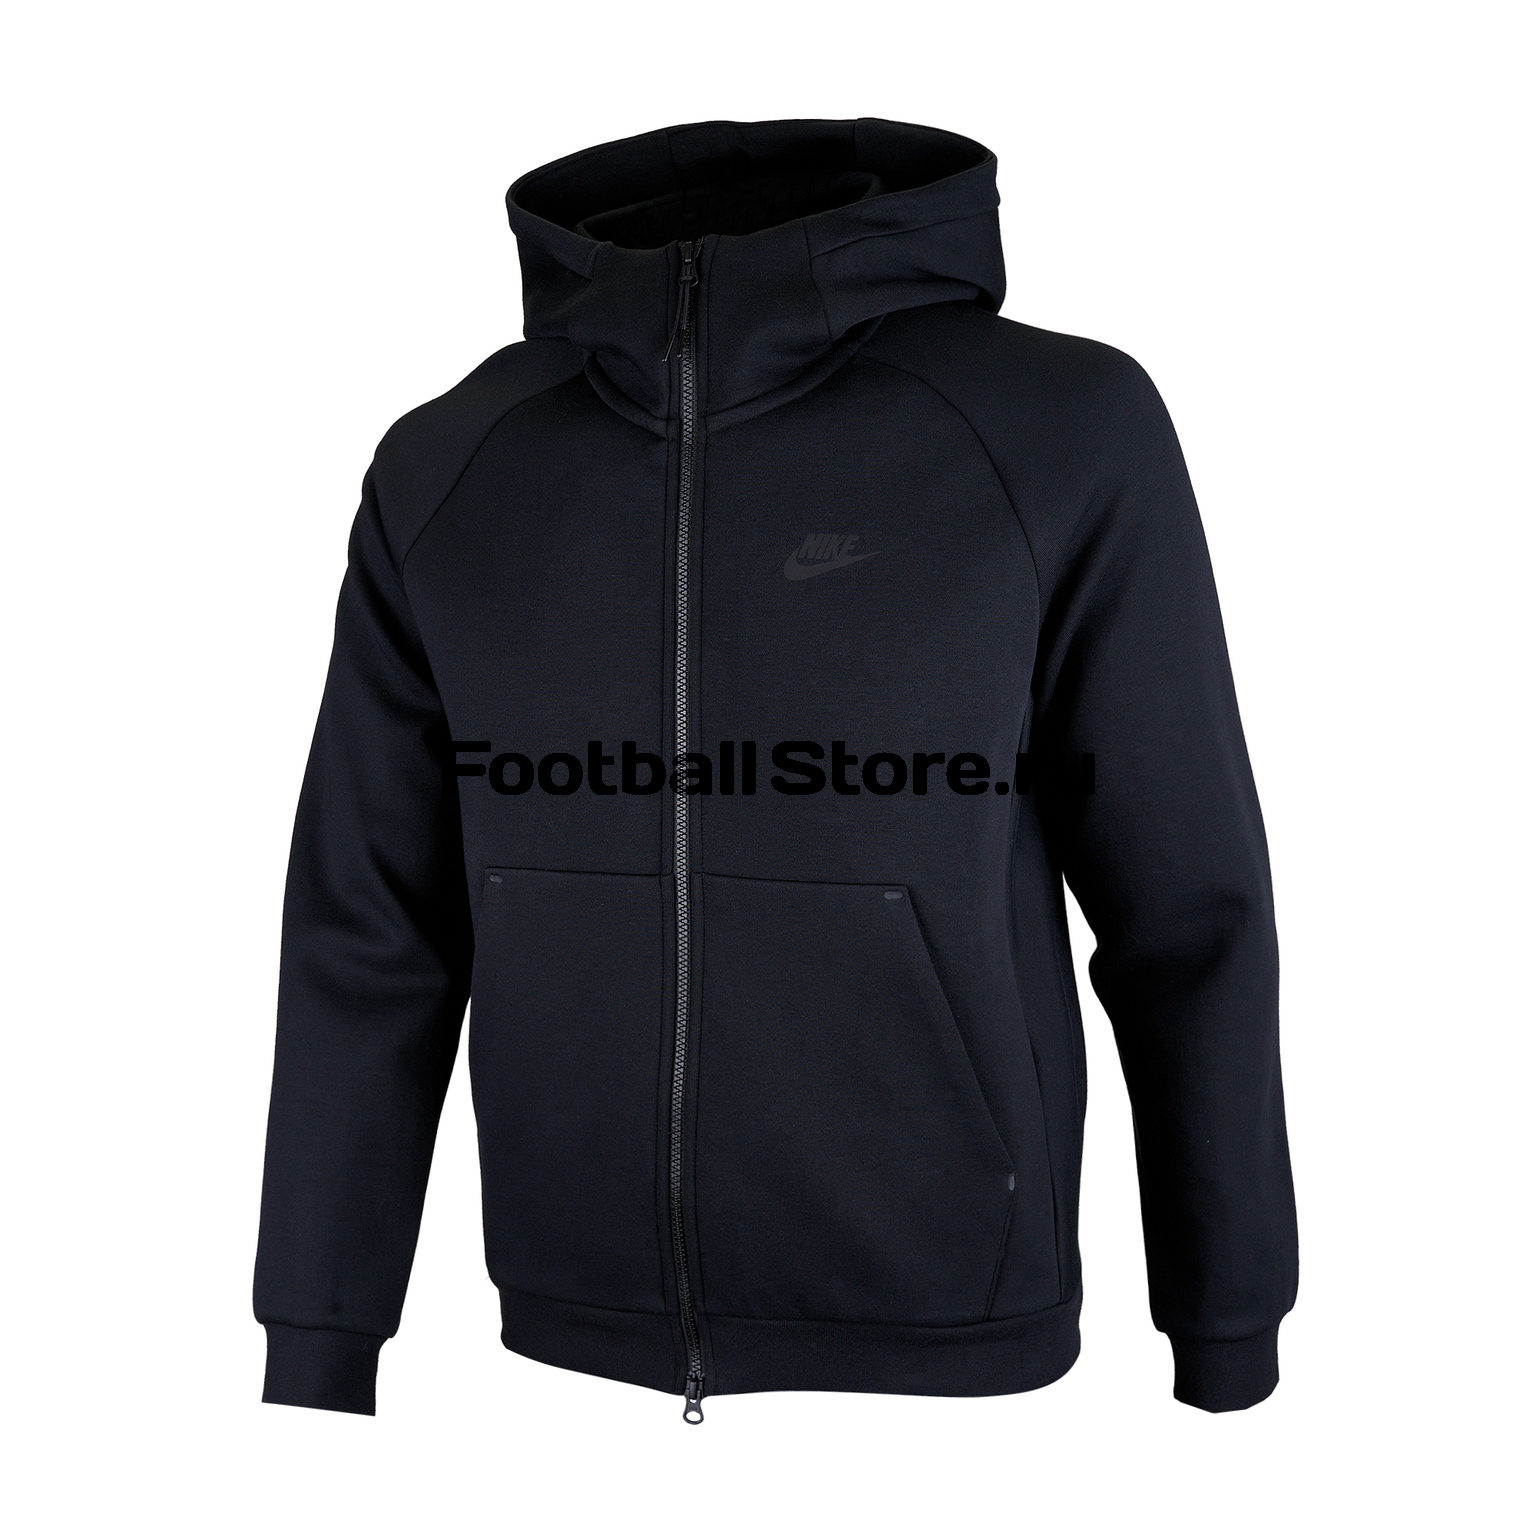 Толстовка Nike Hoodie Winter BV3701-010 толстовка nike nsw club hoodie 804346 010